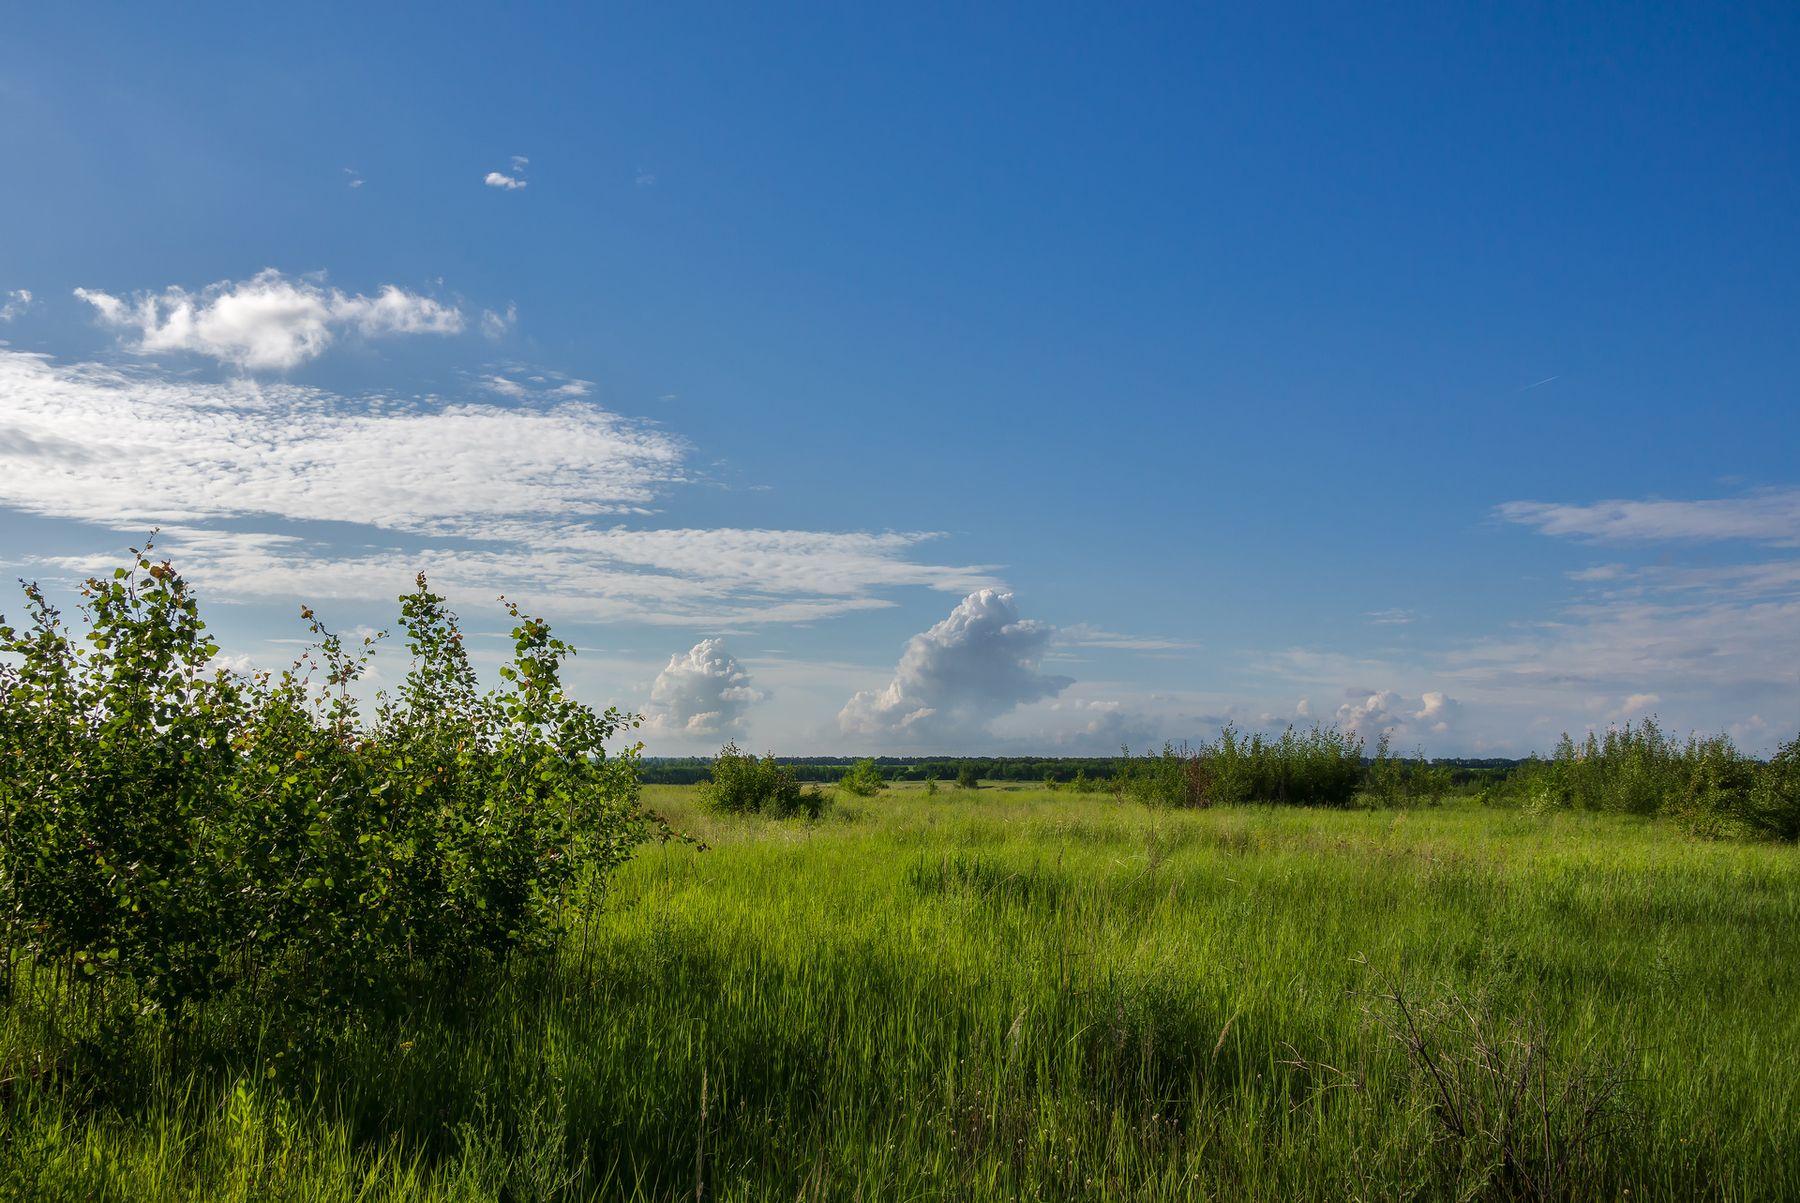 Редуты туч на горизонте пейзаж природа день лето солнце поле облака